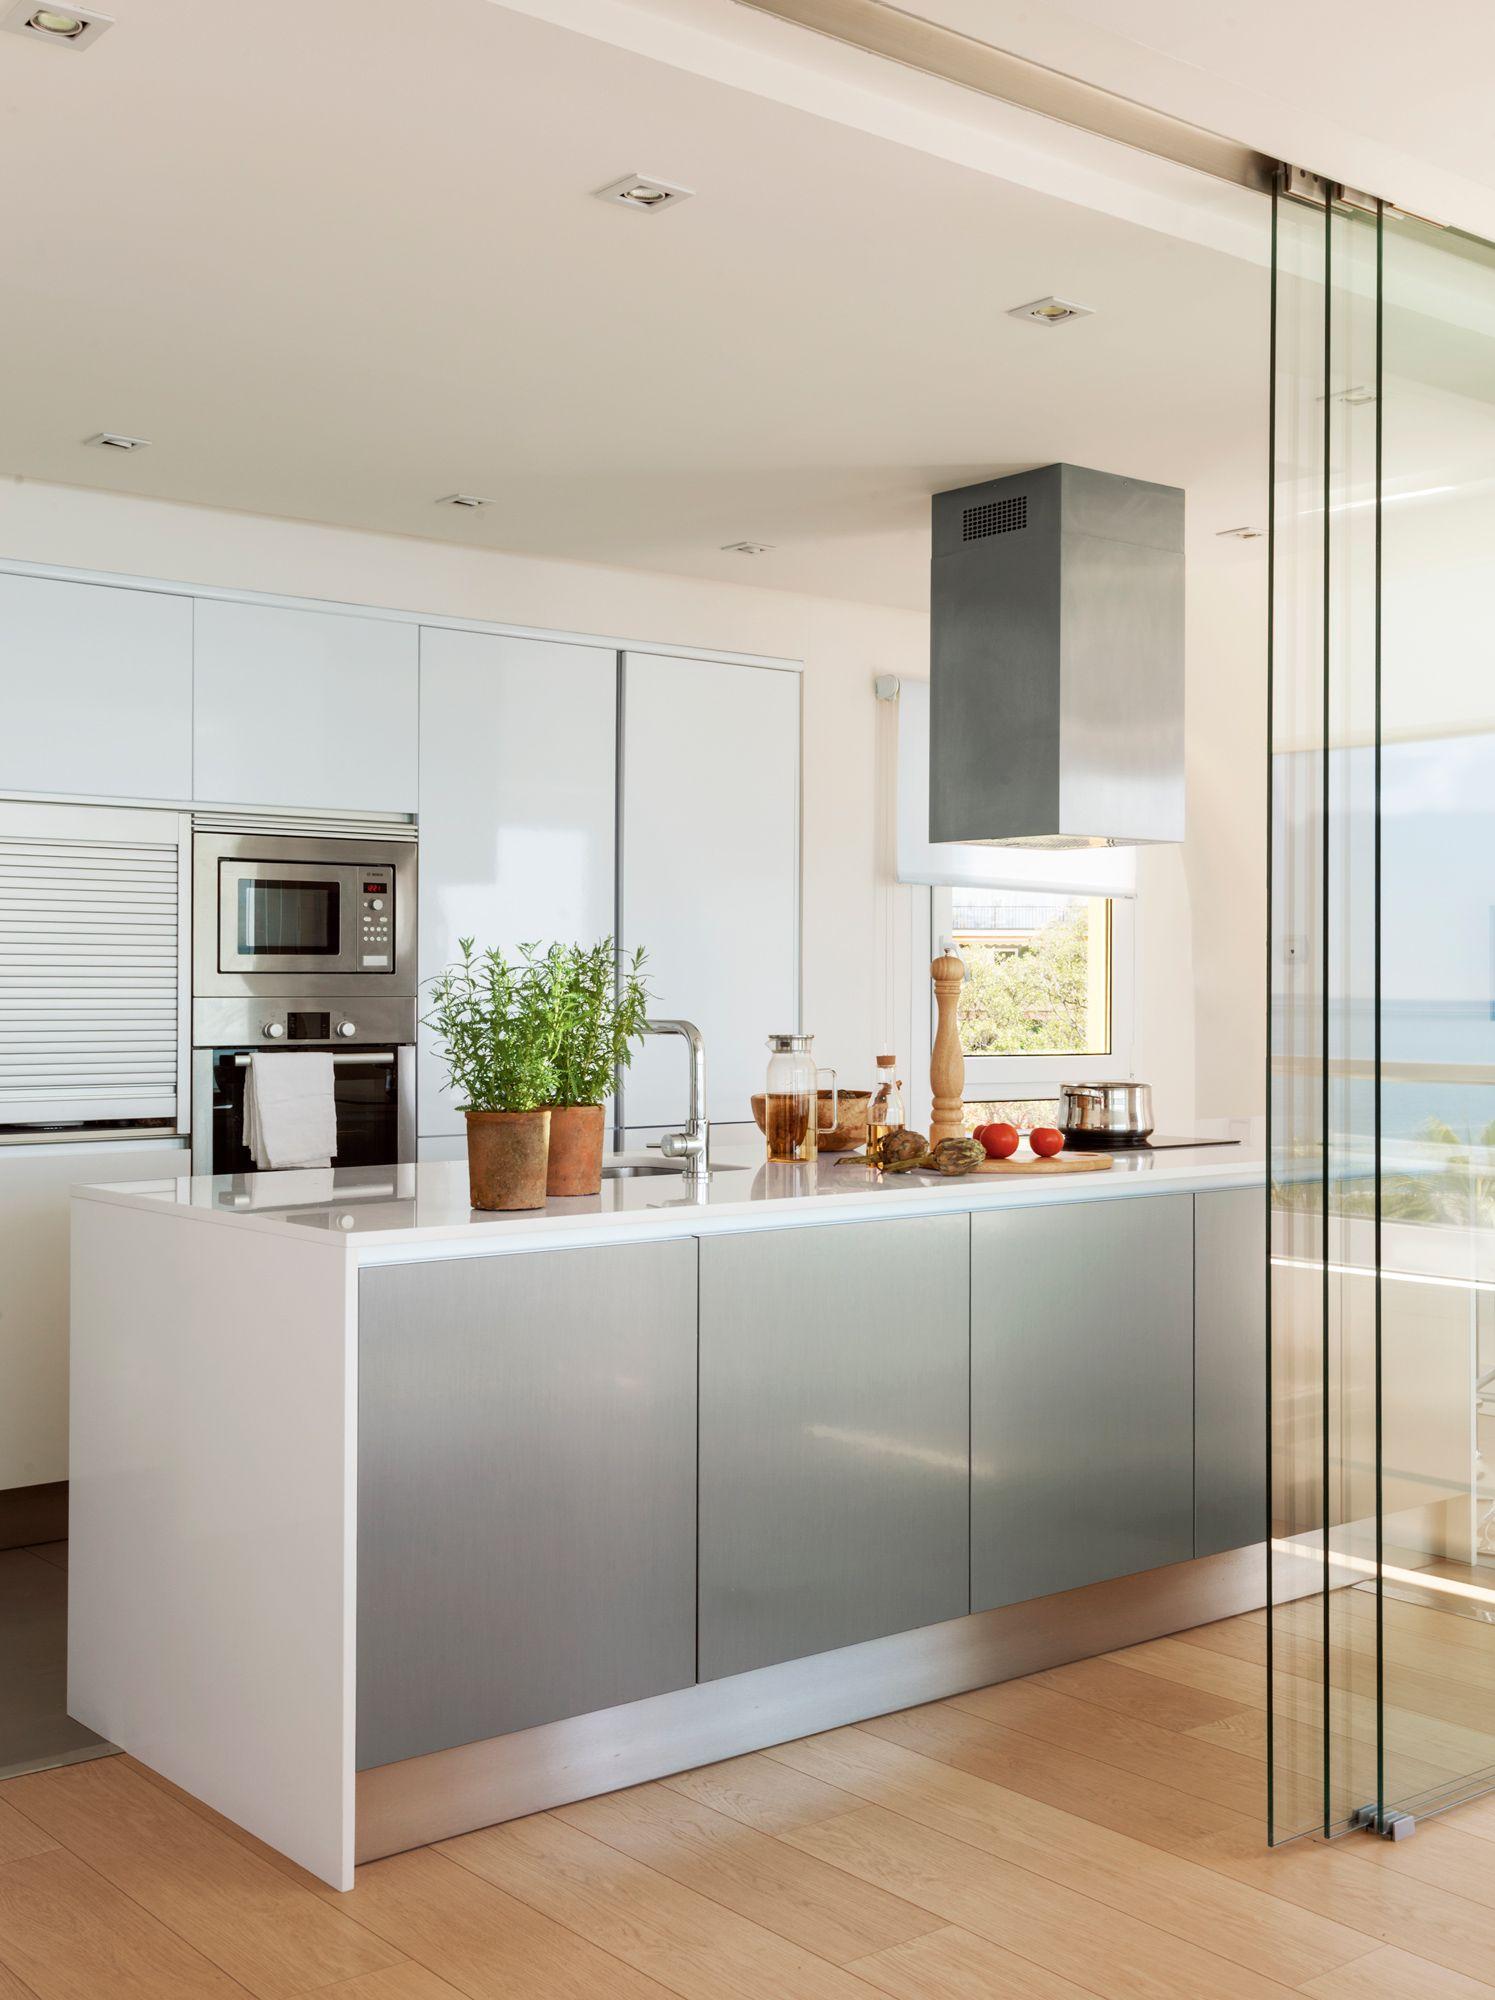 Cocina con isla central y puerta corredera de cristal con perfilería ...